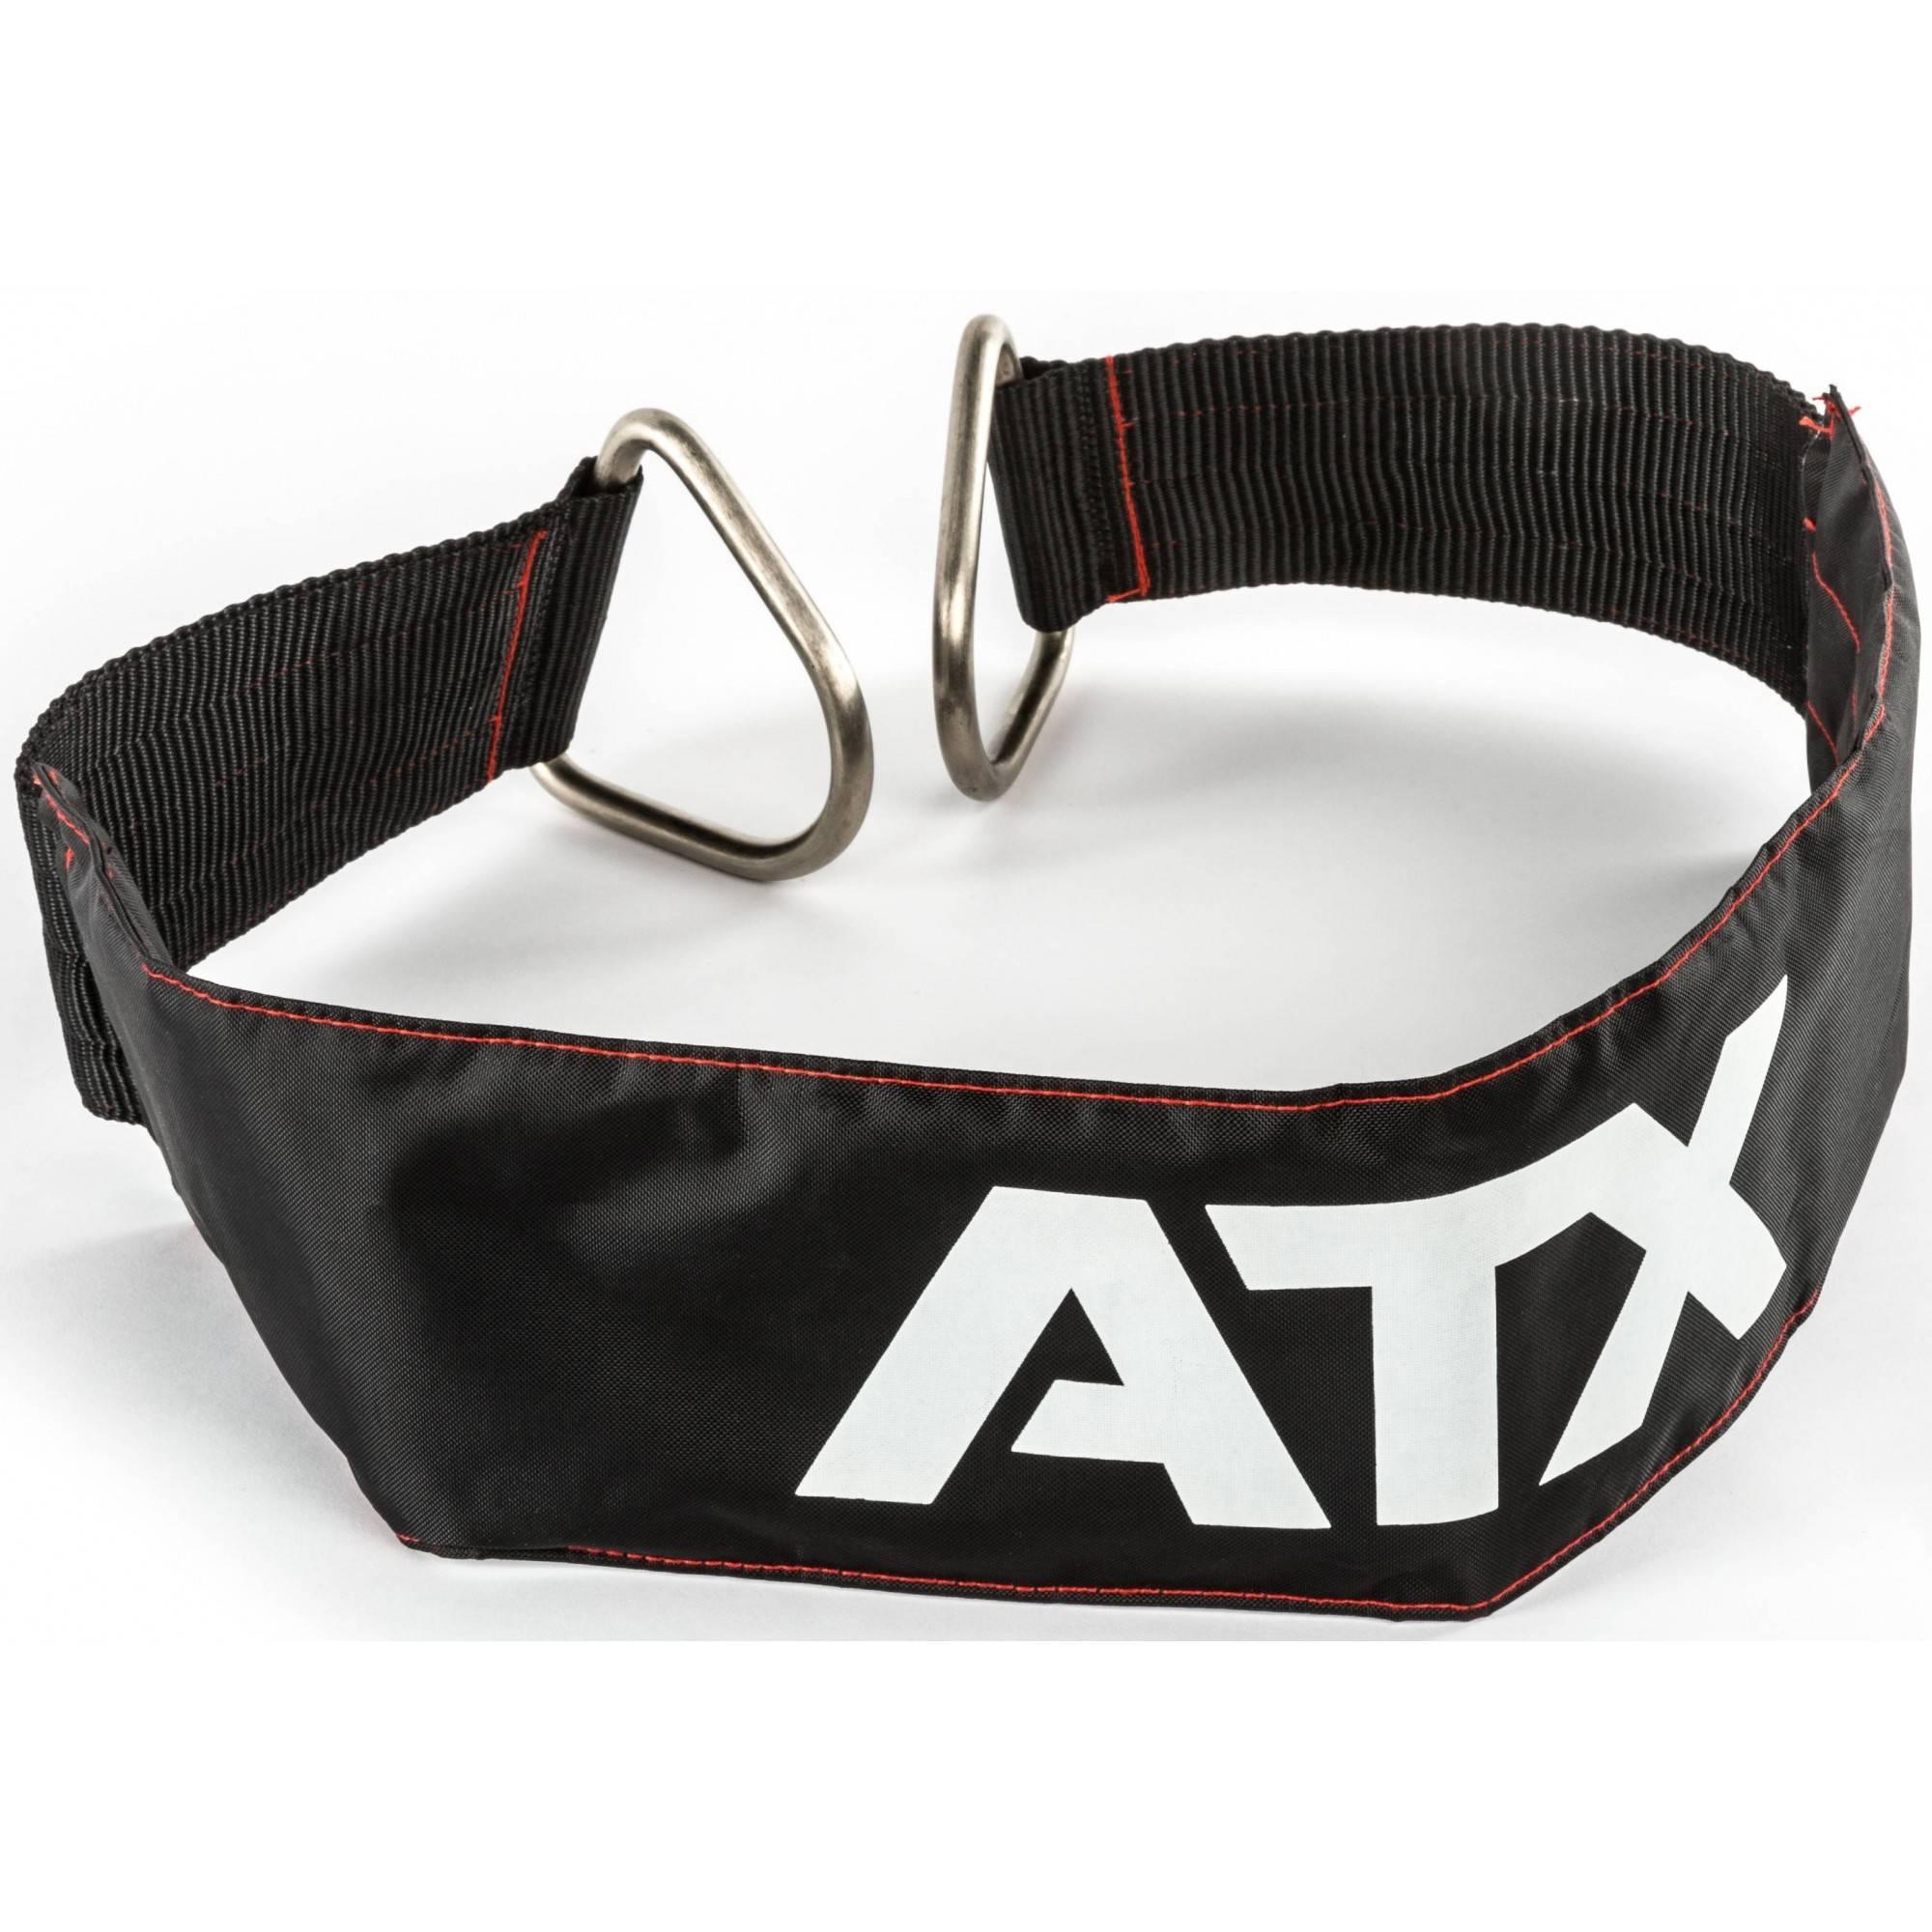 ATX® RHE-BELT